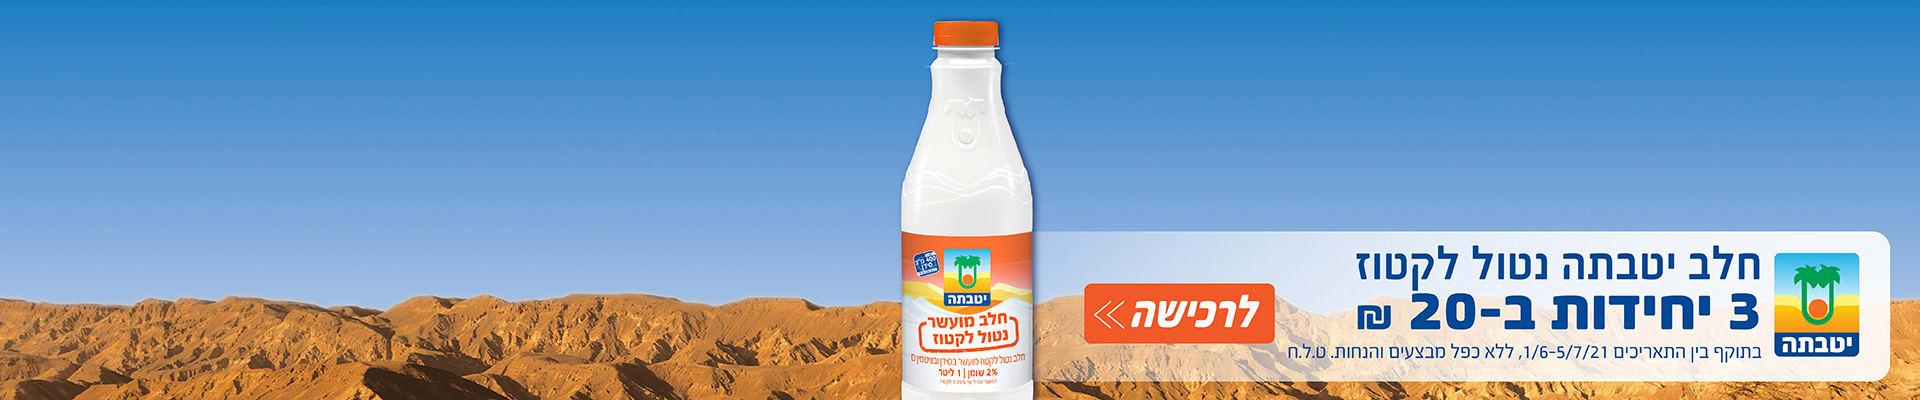 יטבתה חלב יטבתה נטול לקטוז 3 יחידות ב- 20 ₪ לרכישה בתוקף בין התאריכים 1/6-5/7/21 ללא כפל מבצעים והנחות ט.ל.ח